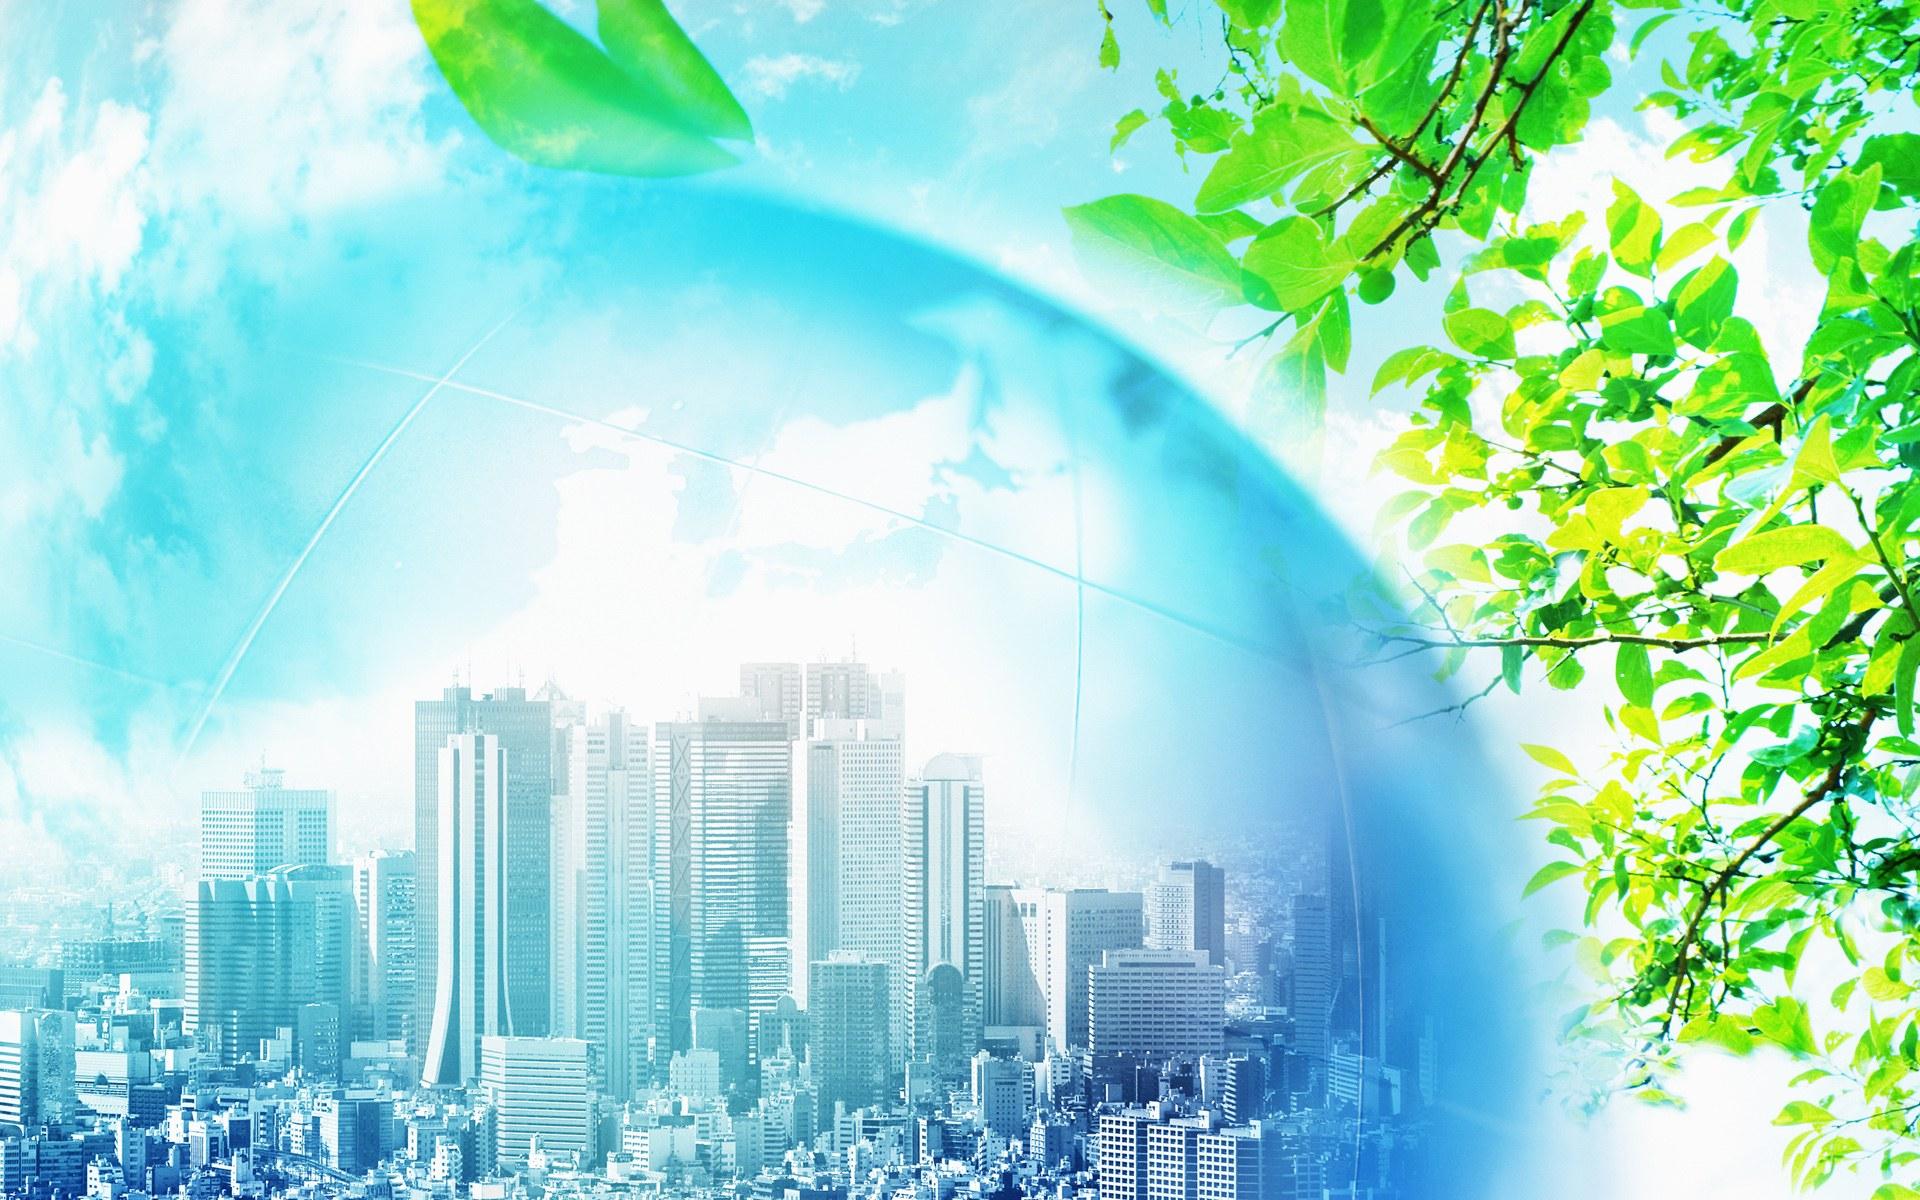 Составление отчета по форме 2 ТП, отходы, воздух, водхоз для всех юридических лиц и индивидуальных предпринимателей в ходе деятельности, которых образуются отходы и производятся загрязняющие выбросы, либо их деятельность связана с хранением и утилизацией